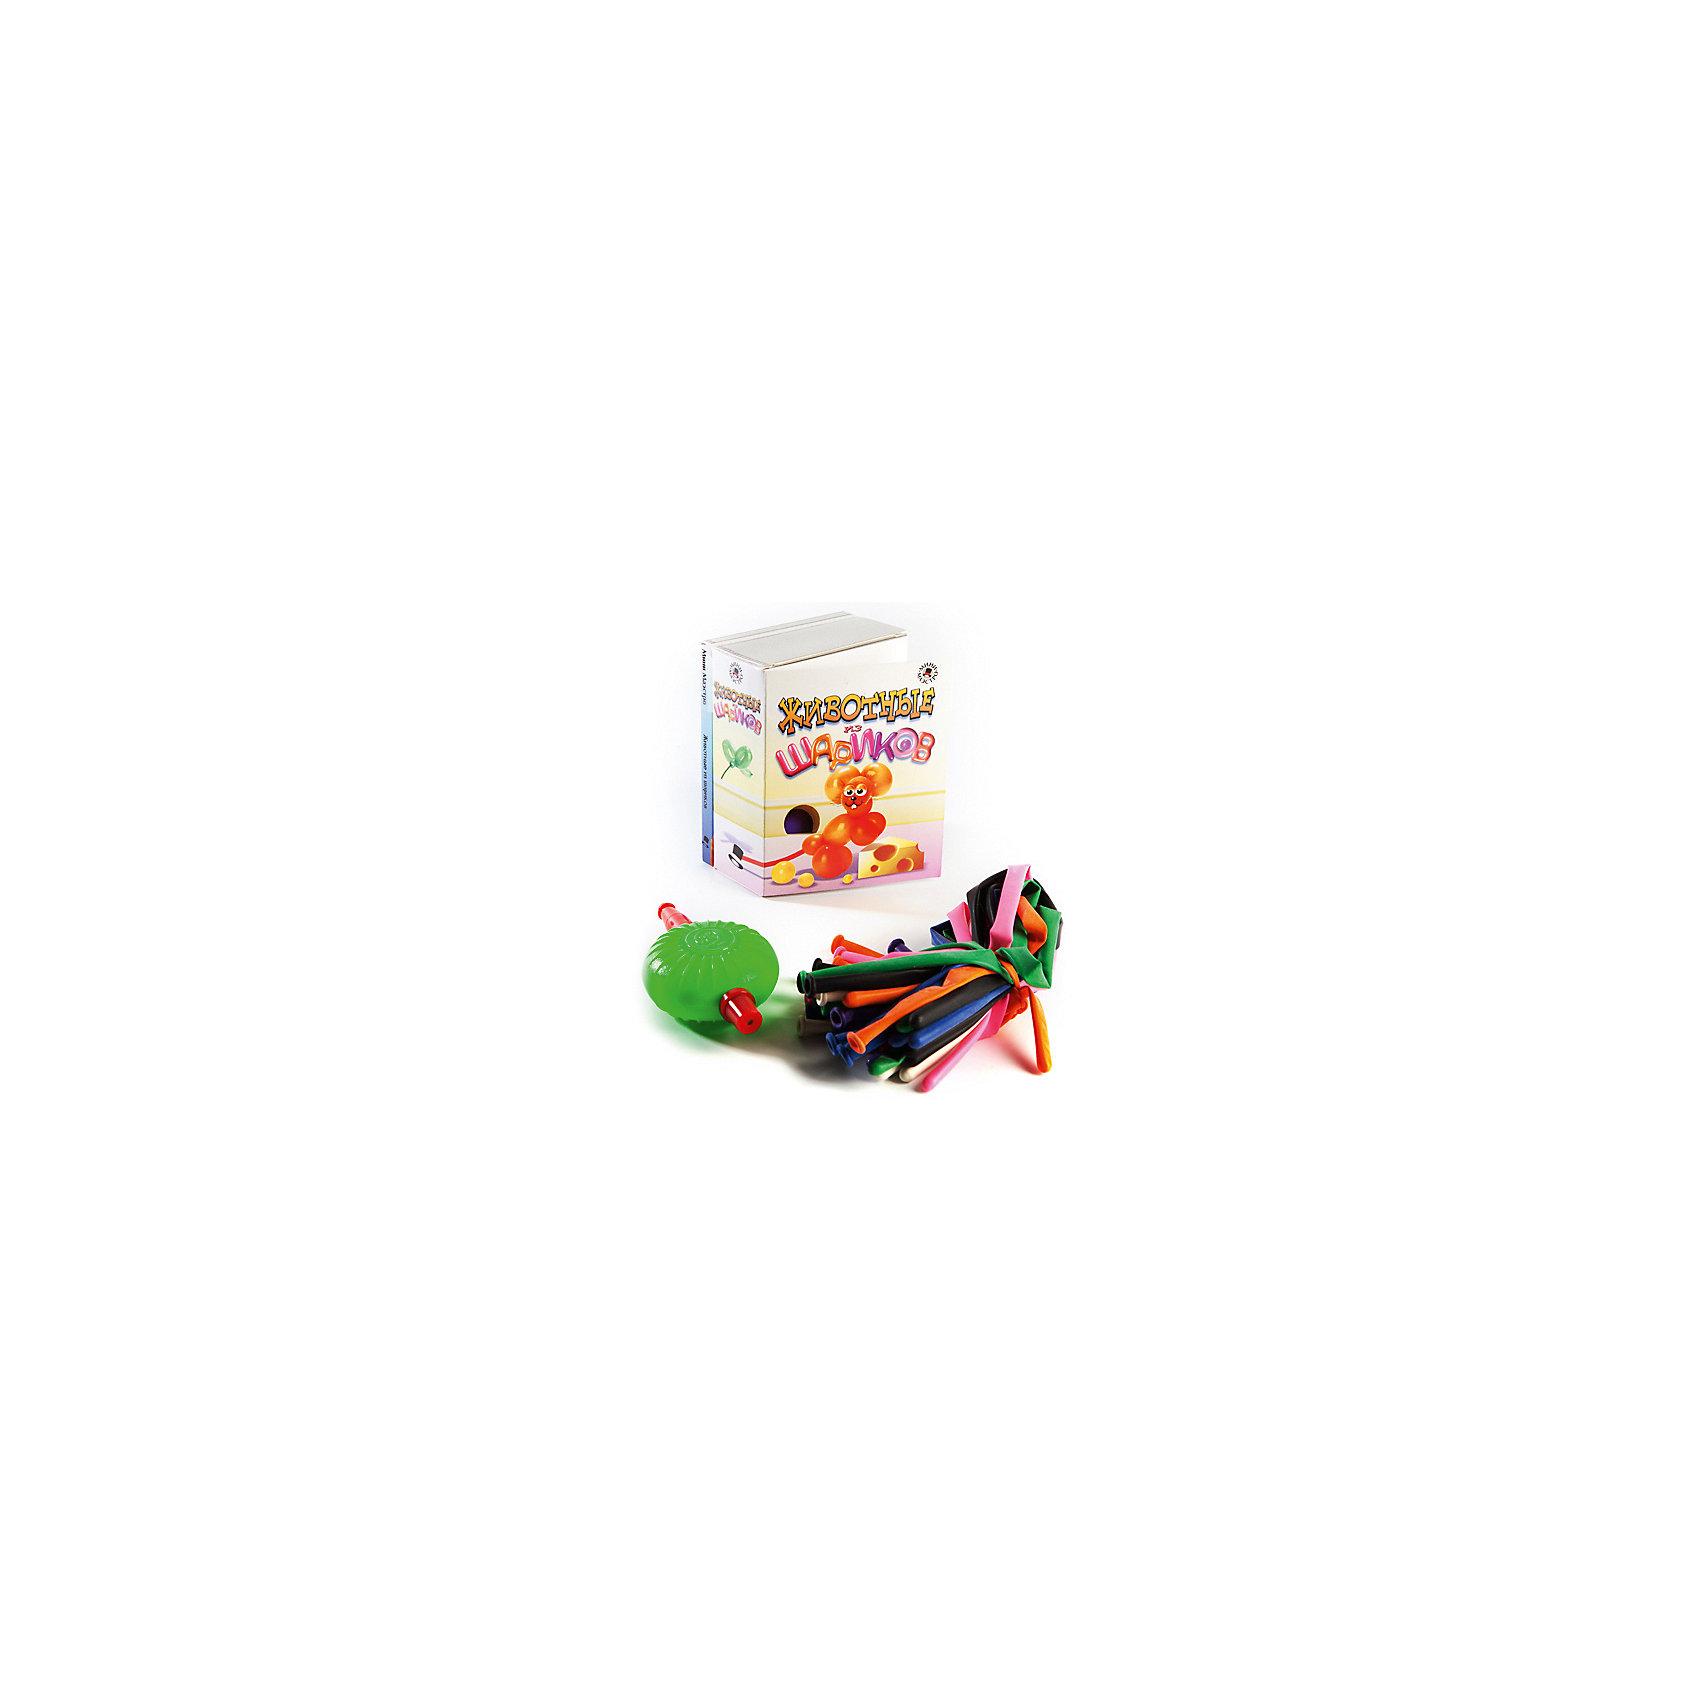 Набор Животные из шариковВоздушные шары<br>Мини-маэстро Животные из шариков.<br><br>Хочешь сделать из шарика собаку? А лебедя или жирафа? Это совсем не сложно, если у тебя есть эта коробочка! В ней находится книга с цветными иллюстрациями и указаниями, как сделать из шариков десять различных животных, а также разноцветные шарики и маленький насос.<br><br>Дополнительная информация:<br><br>В набор входит:<br>- Книга с инструкциями 48 стр., цв. илл.,<br>- 20 шариков для моделирования,<br>- насос.<br>Размер упаковки (д/ш/в): 95 х 52 х 120 мм<br><br>Важный совет: кот - самая трудная модель. Когда будешь его делать, позови на помощь папу!<br><br>Ширина мм: 95<br>Глубина мм: 52<br>Высота мм: 120<br>Вес г: 300<br>Возраст от месяцев: 72<br>Возраст до месяцев: 144<br>Пол: Унисекс<br>Возраст: Детский<br>SKU: 2358200